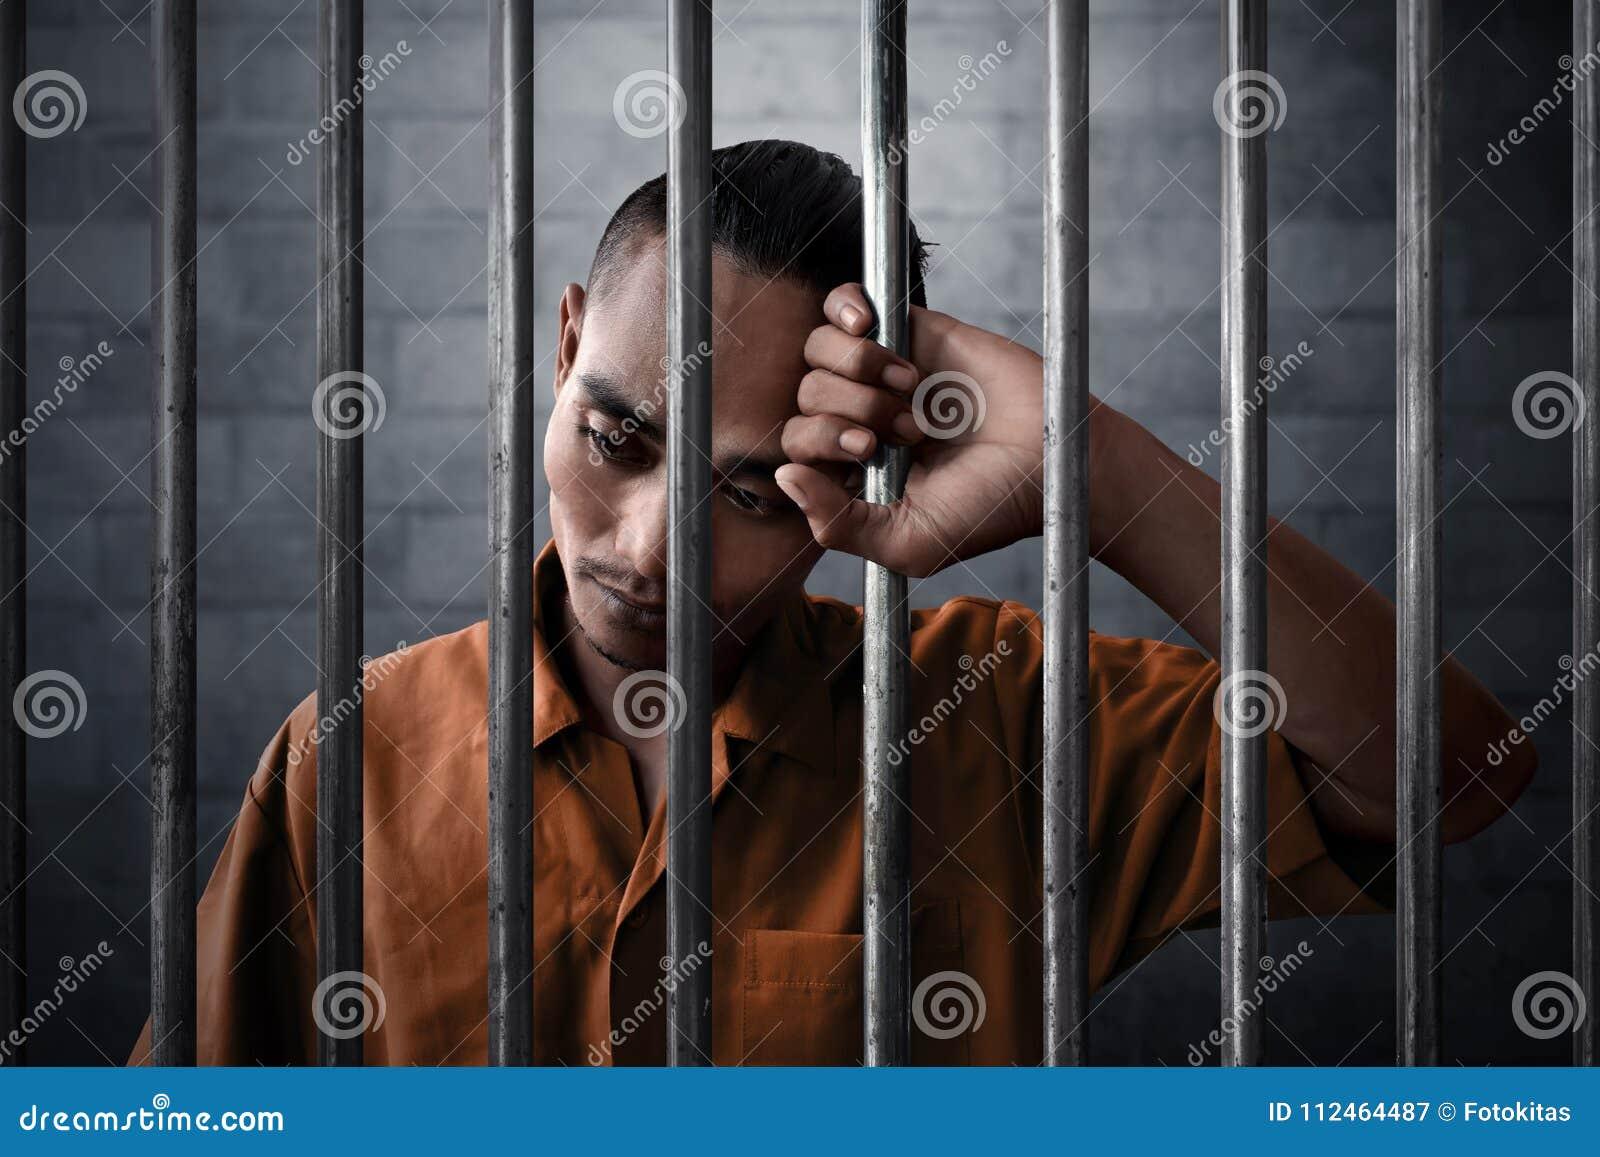 Expresión triste del hombre en la prisión